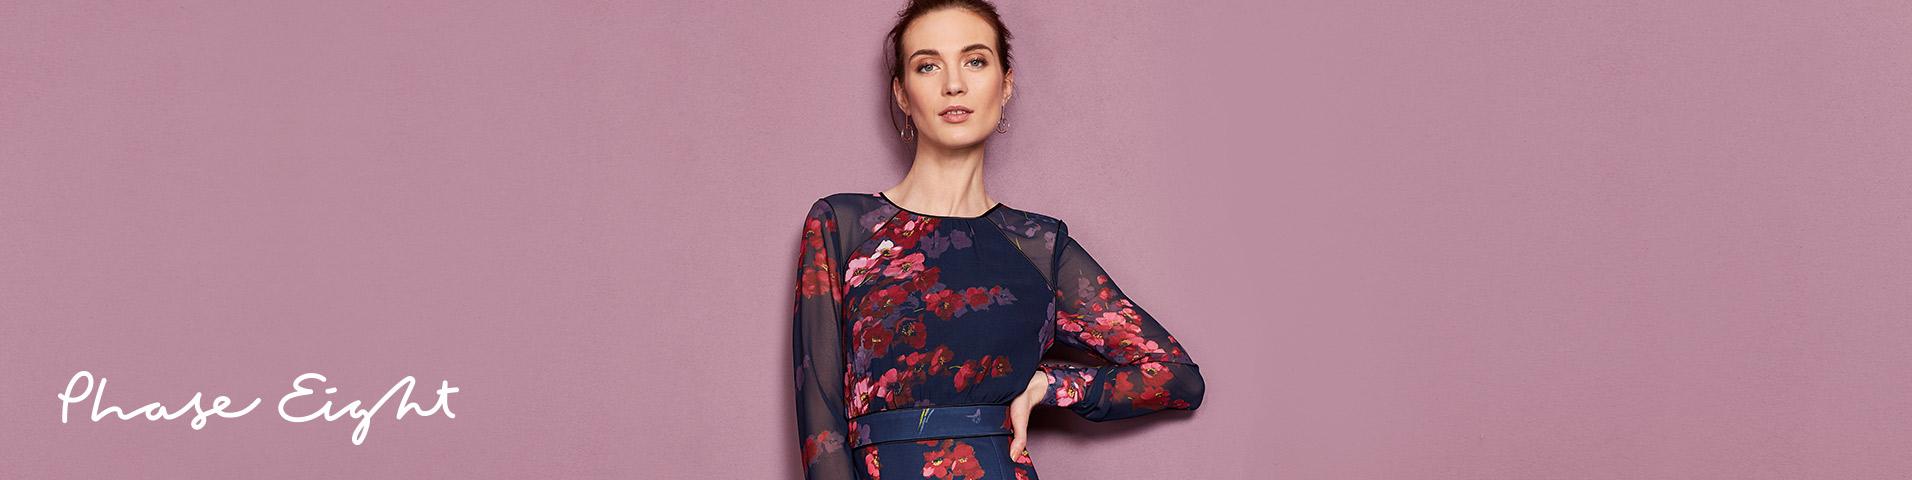 tøj til  kvinder online utro kvinder